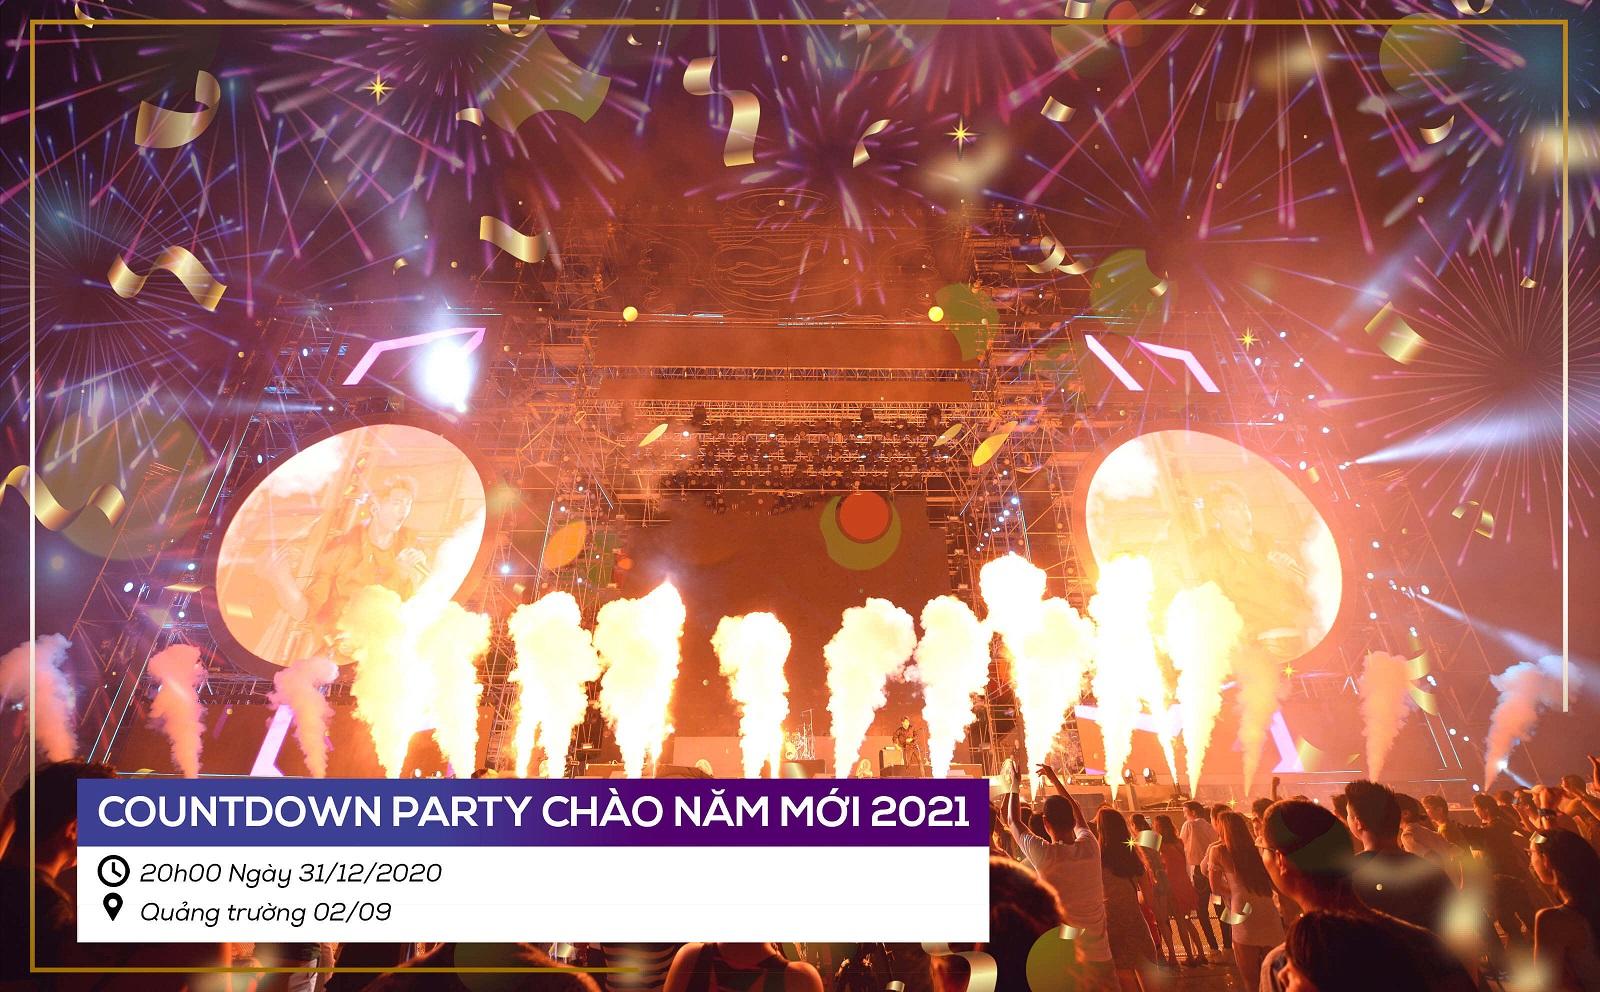 Le Hoi Da Nang Chao Nam Moi 2021 Countdown Party